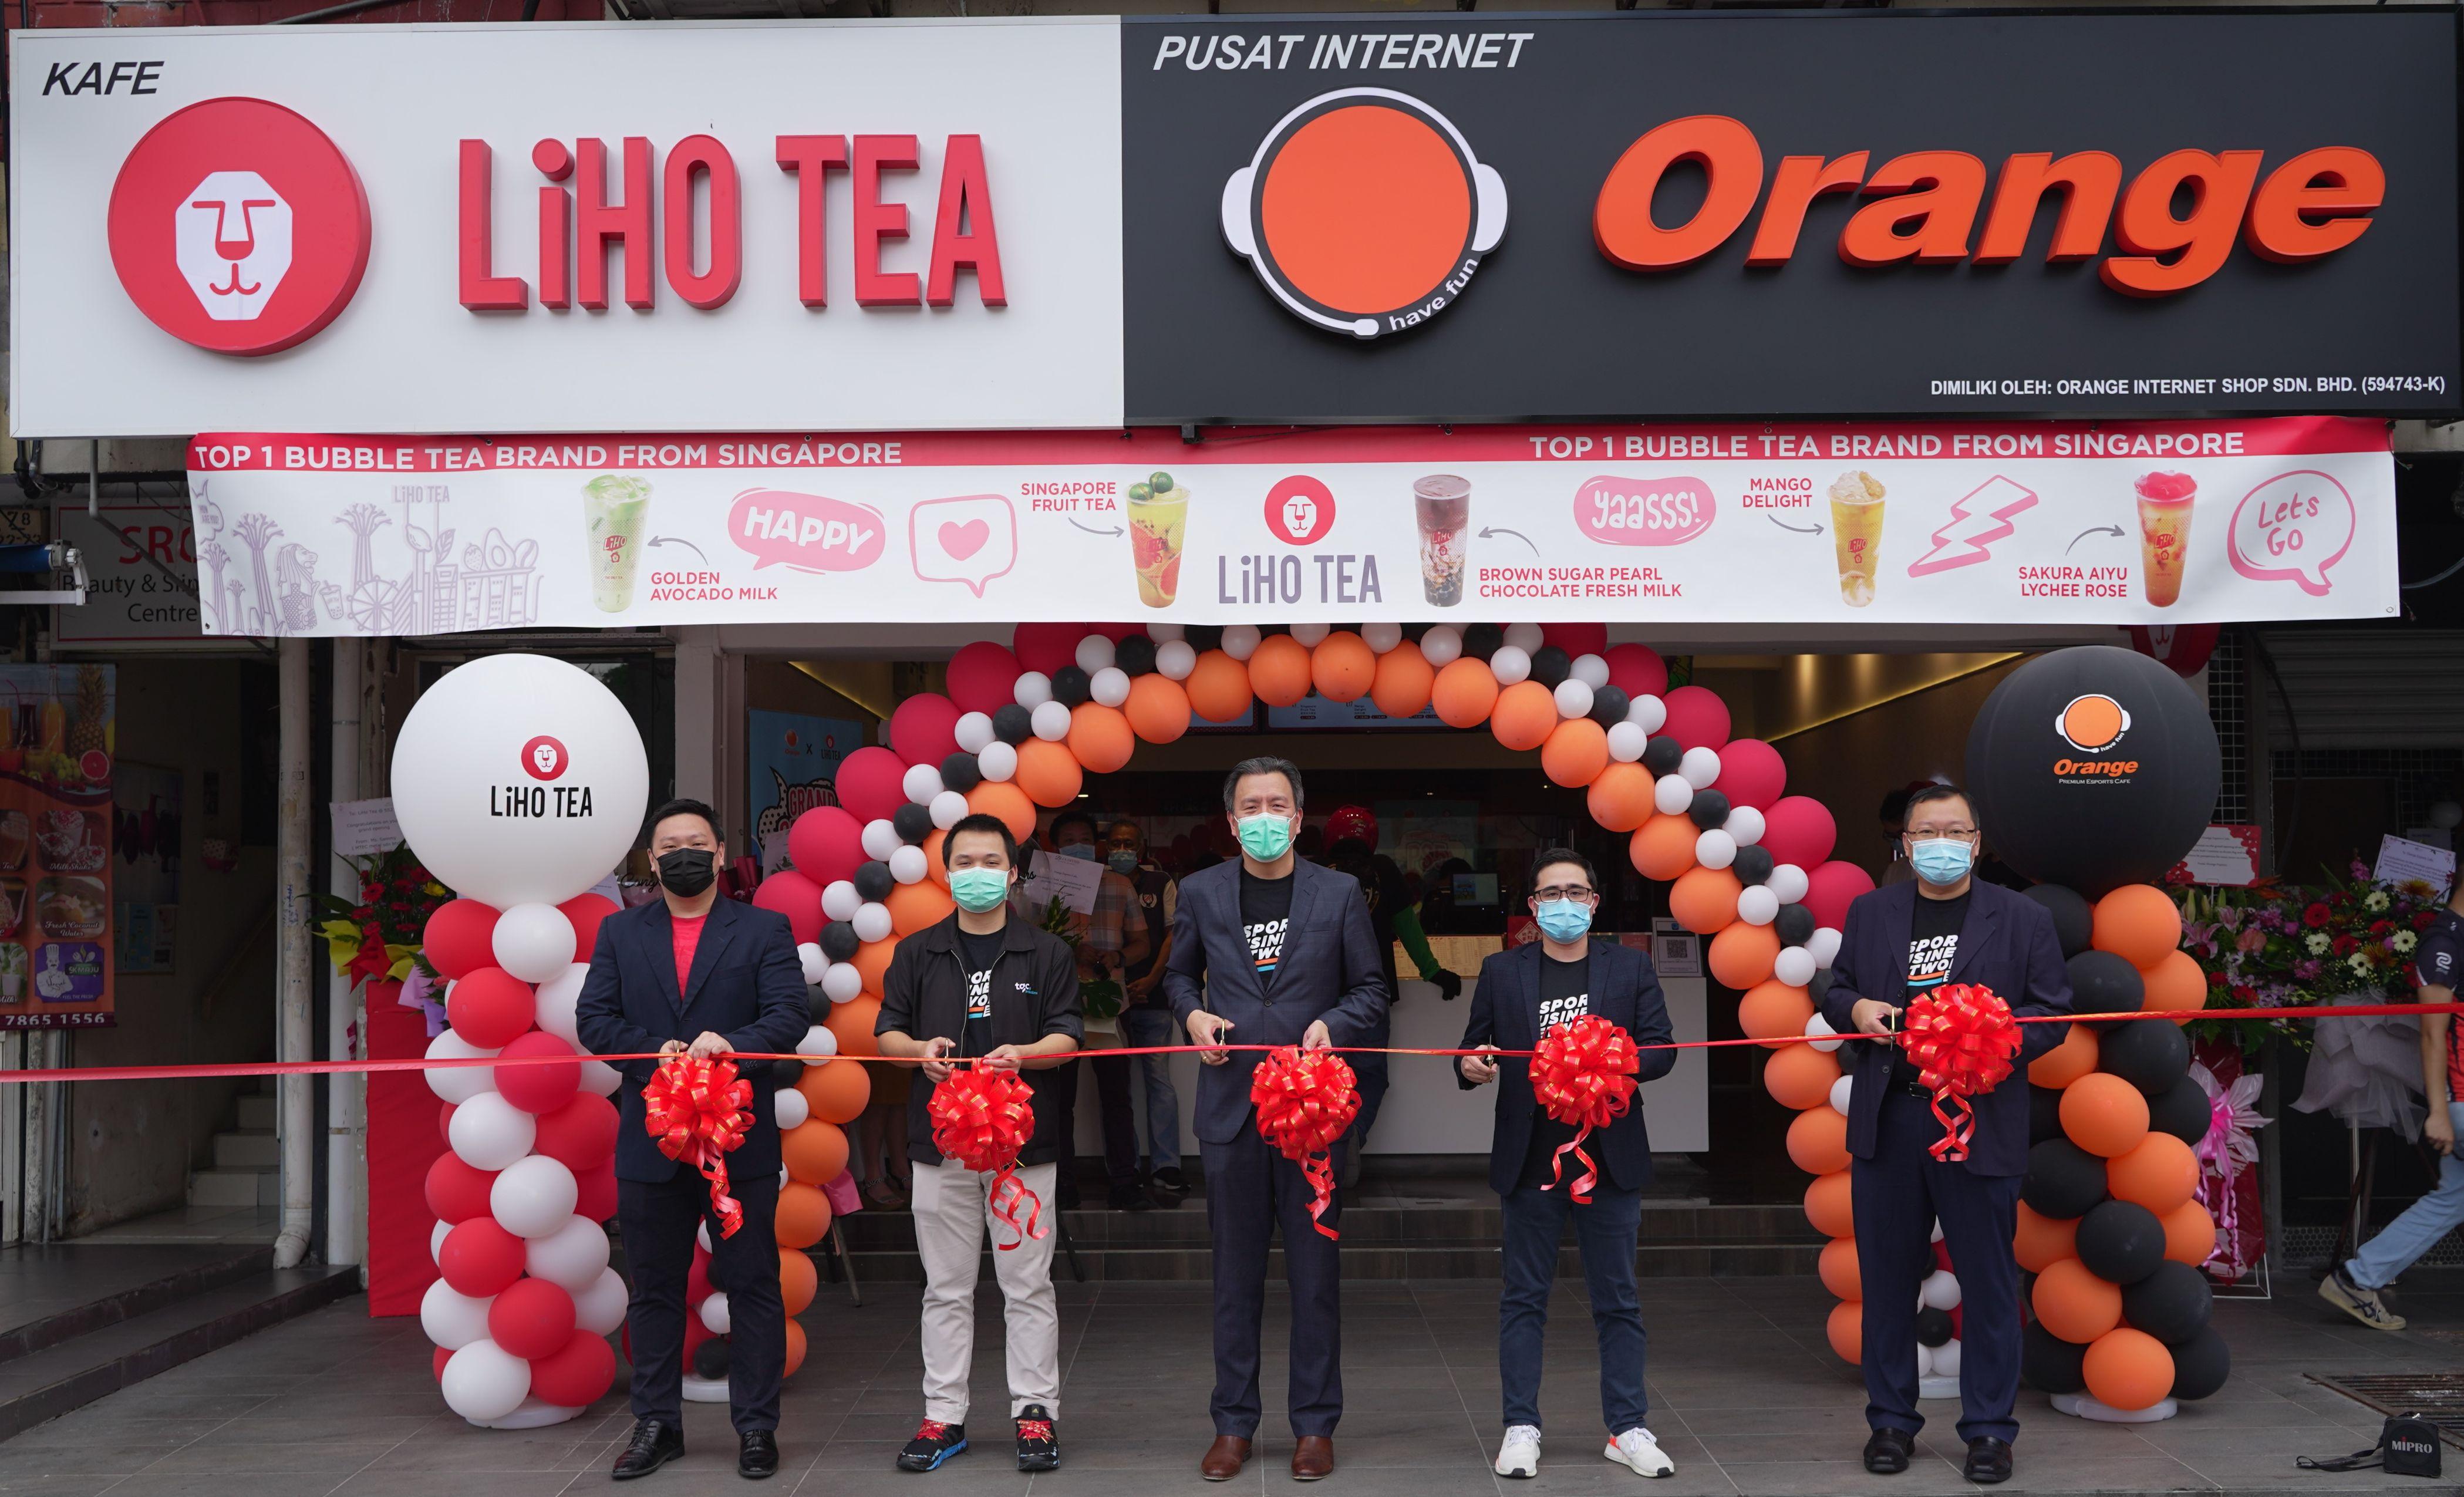 Orange Esports Cafe berkolaborasi dengan LiHO TEA, wujudkan hab gaya hidup & e-sukan